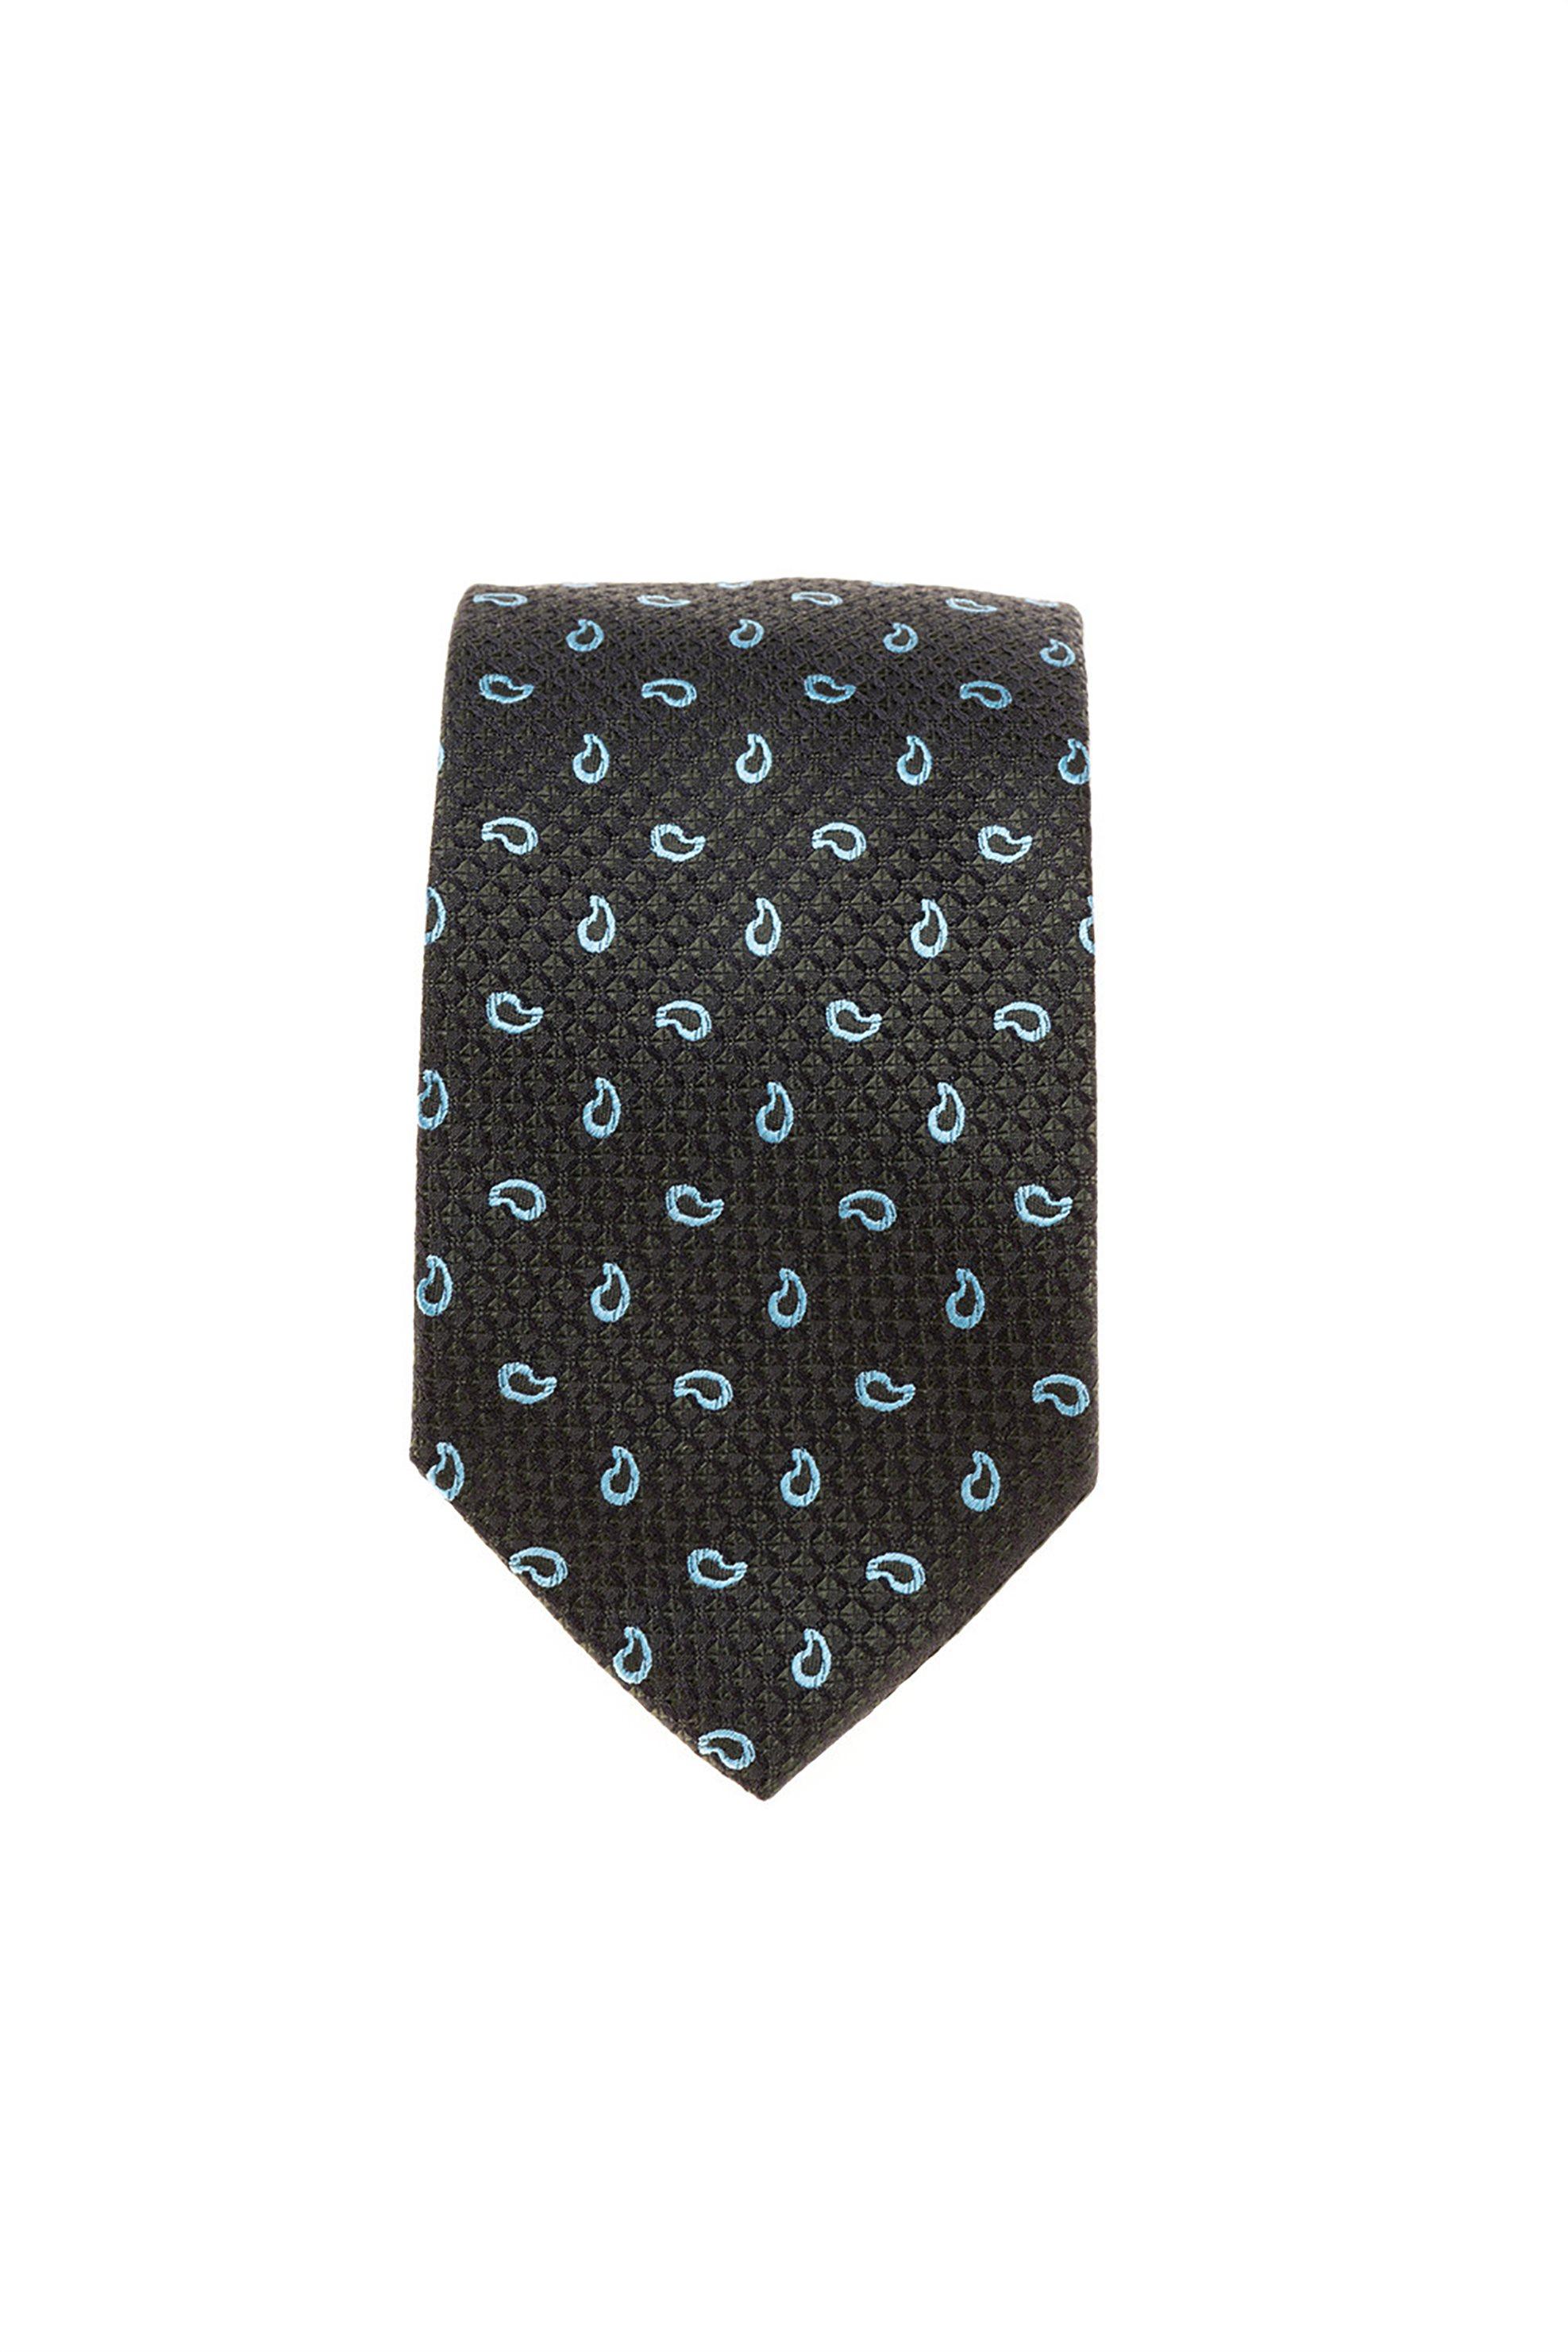 Dur ανδρική μεταξωτή γραβάτα με print λαχούρια - 70200297 - Ανθρακί